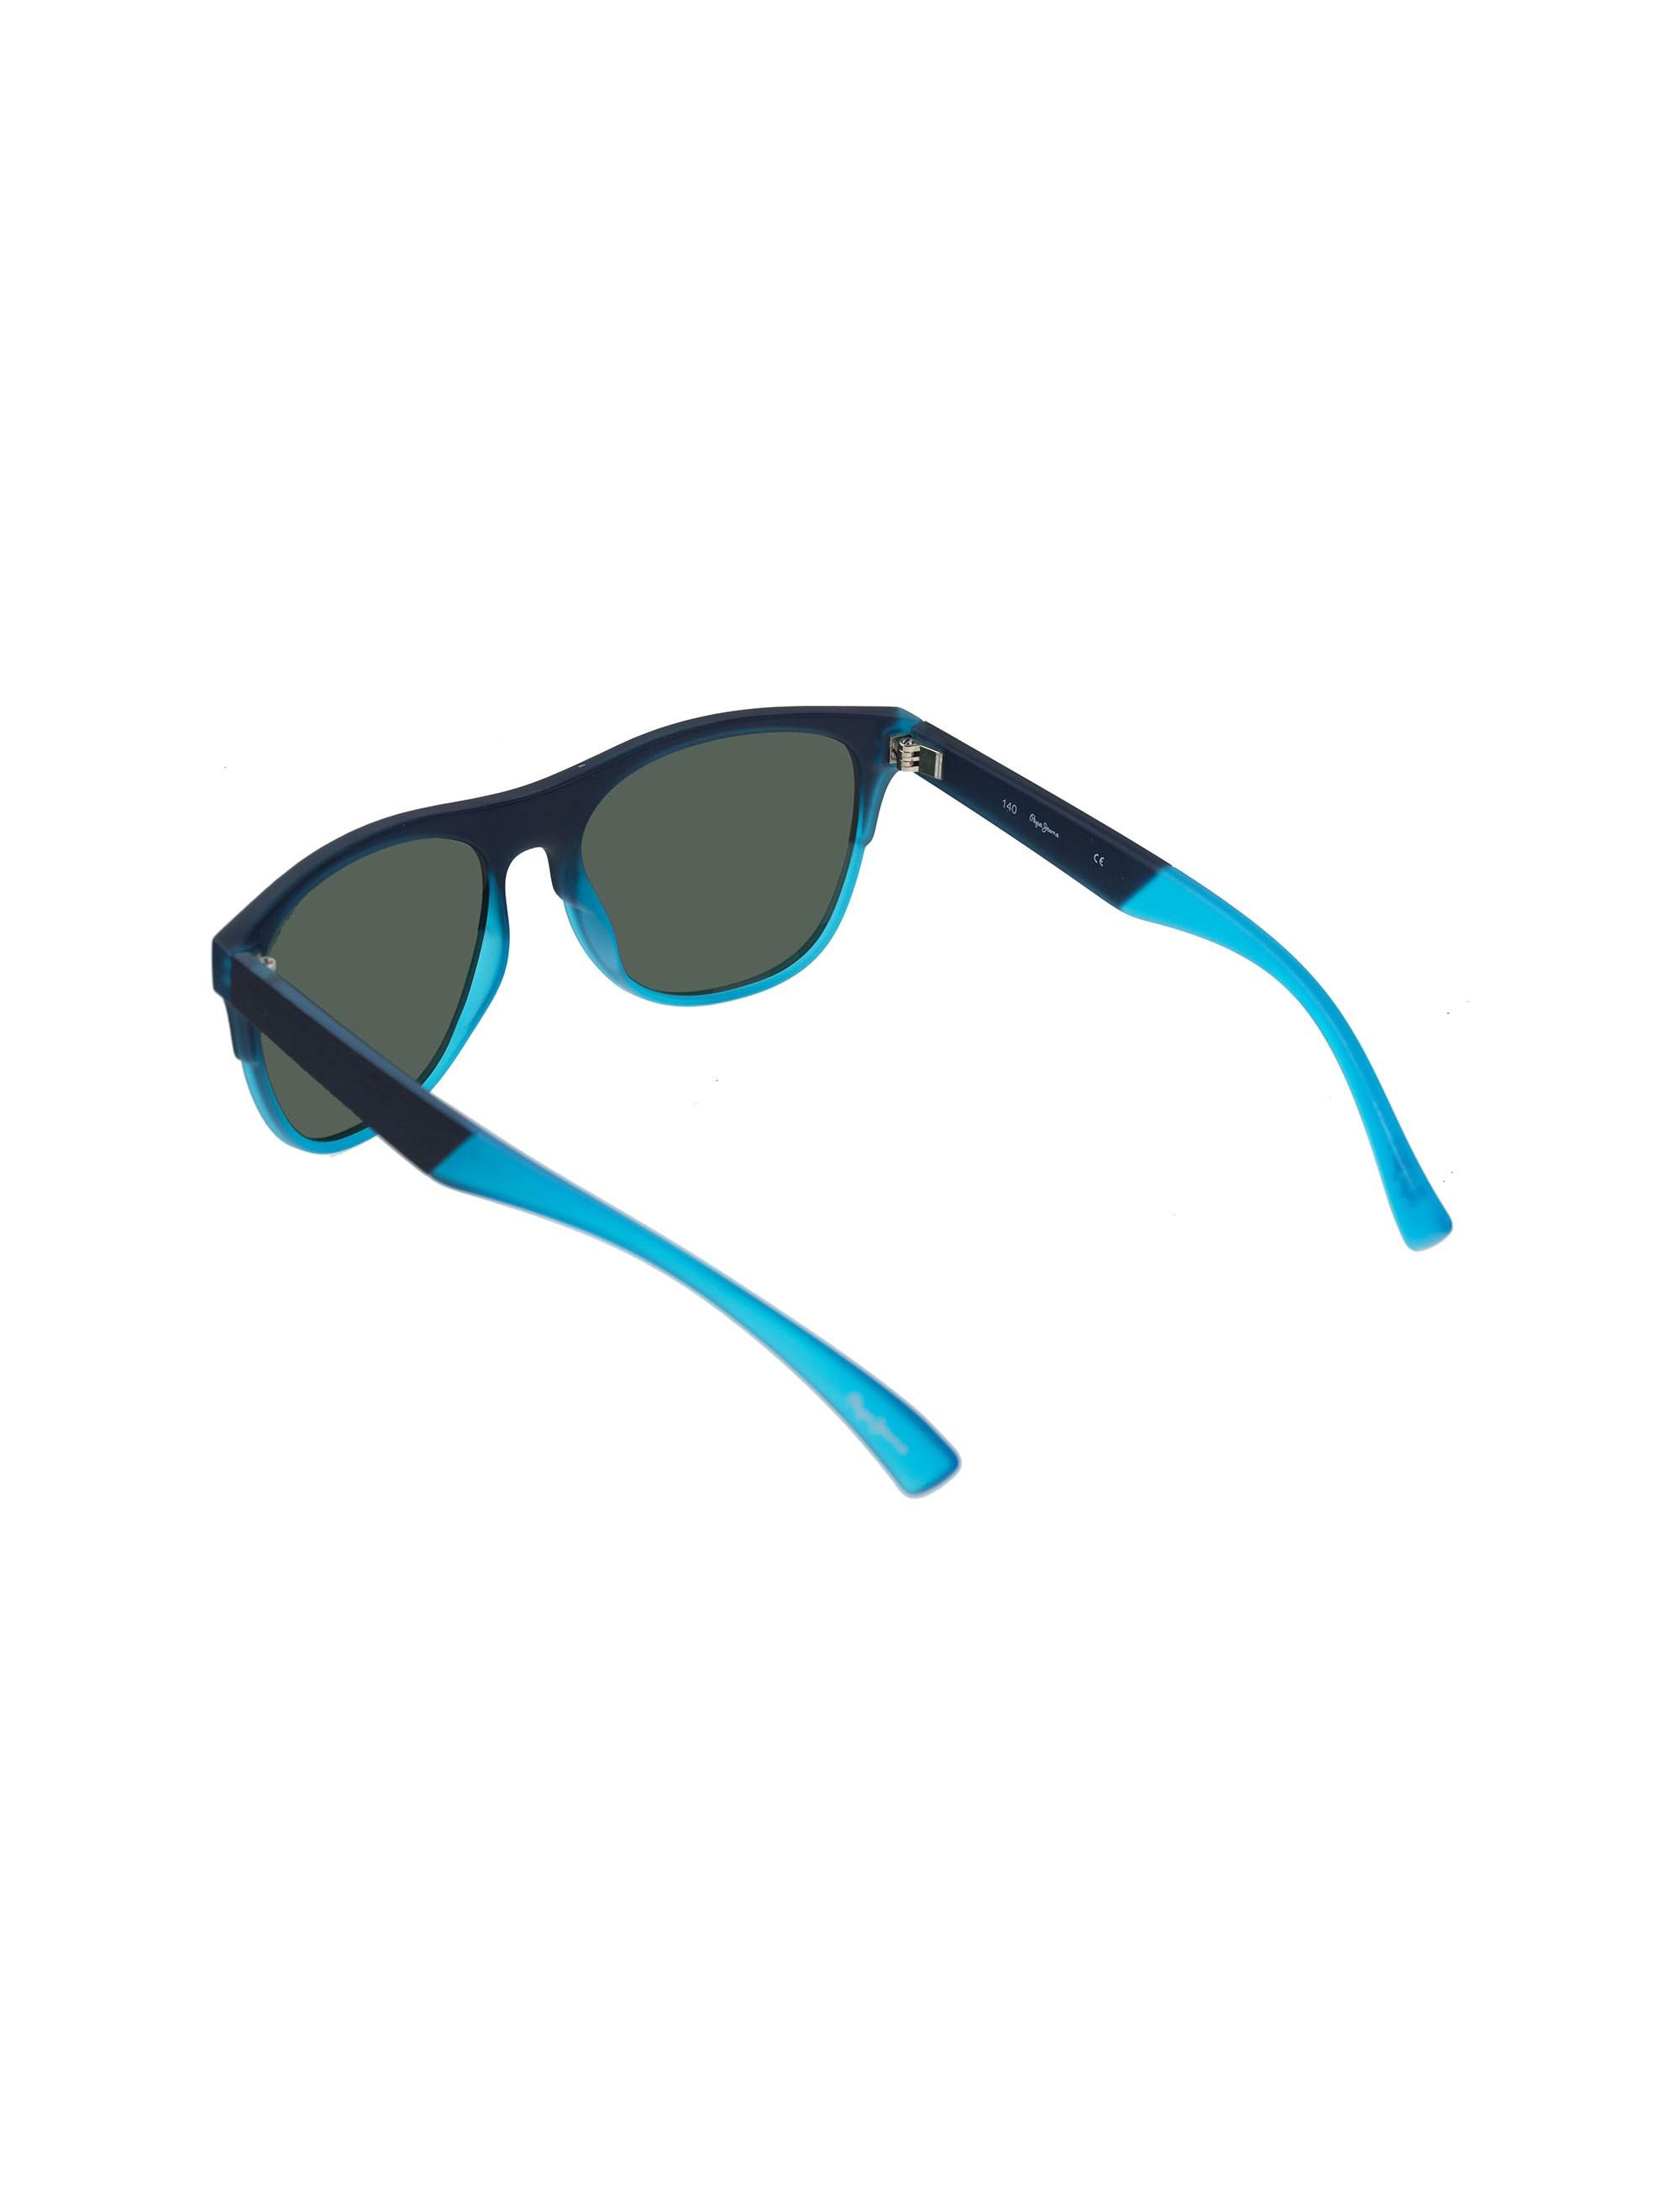 عینک آفتابی خلبانی مردانه - سرمه اي - 4